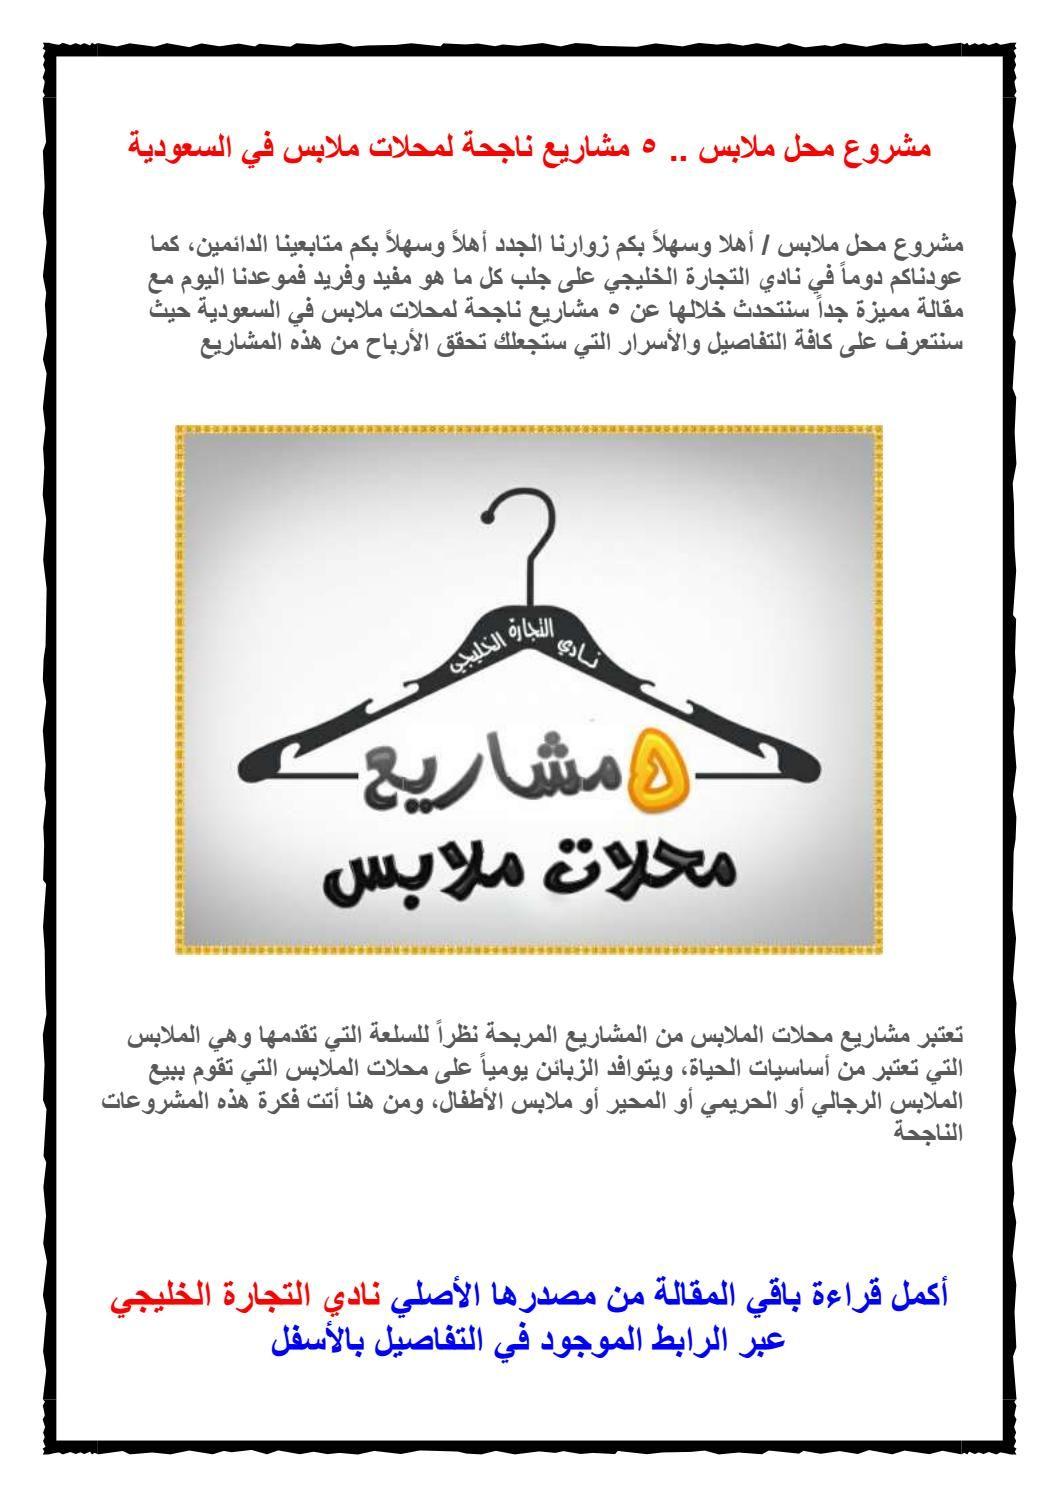 279ccb4b62d33 مشروع محل ملابس .. 5 مشاريع ناجحة لمحلات ملابس في السعودية